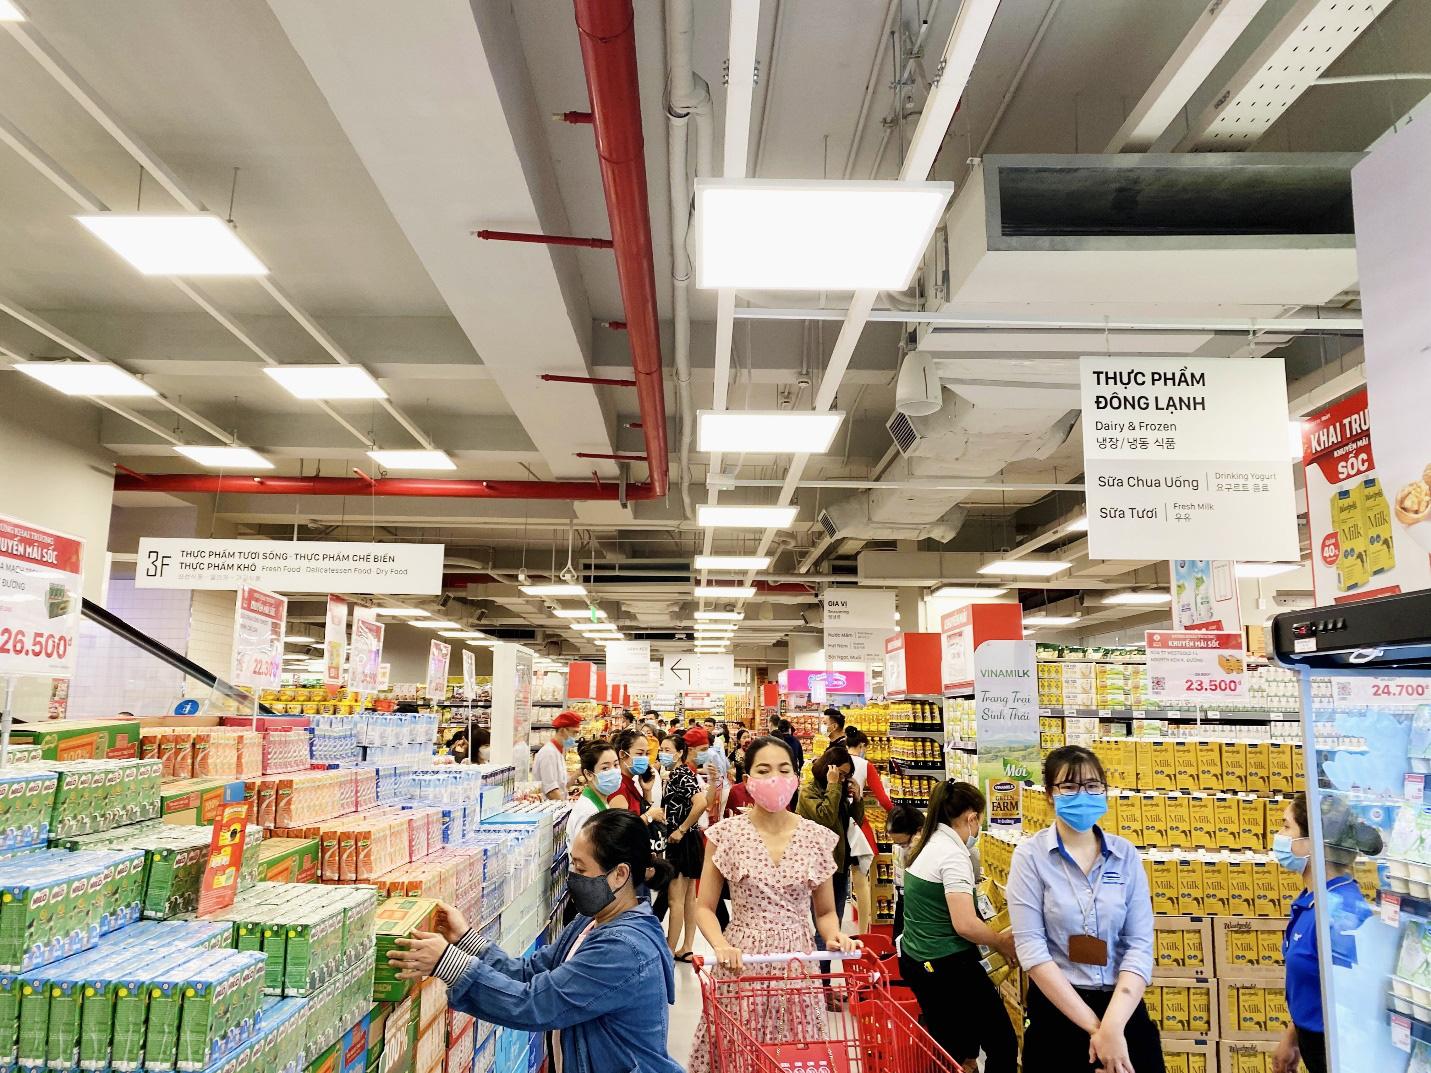 Trải nghiệm mua sắm hiện đại tại LOTTE Mart Gold Coast Nha Trang - Ảnh 2.